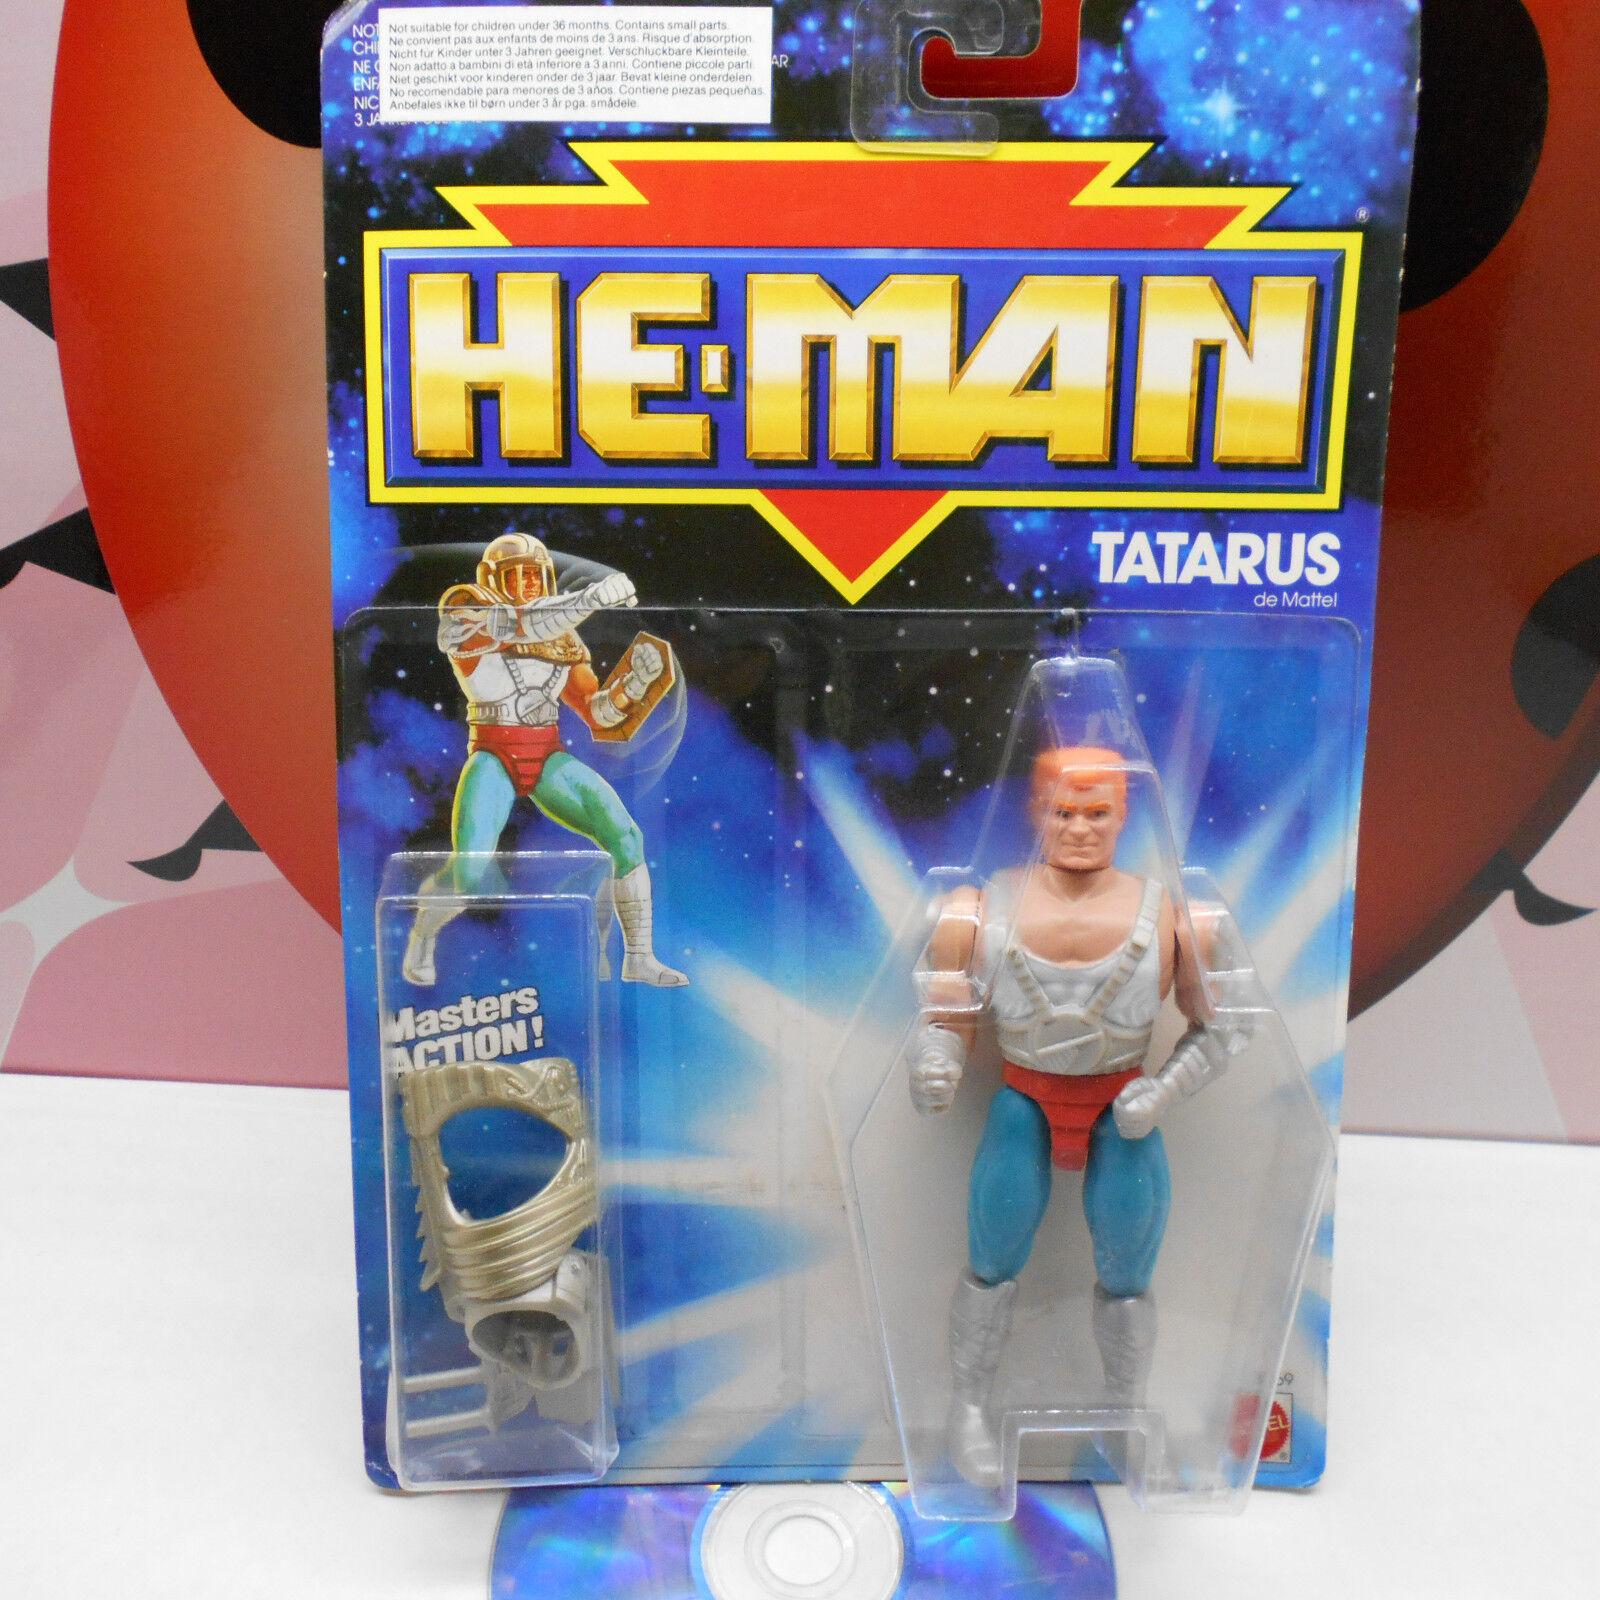 He-man Tatarus Kayo  3369 performances héroïques MASTERS Action Figure 1989 MATTEL MOTU Vintage